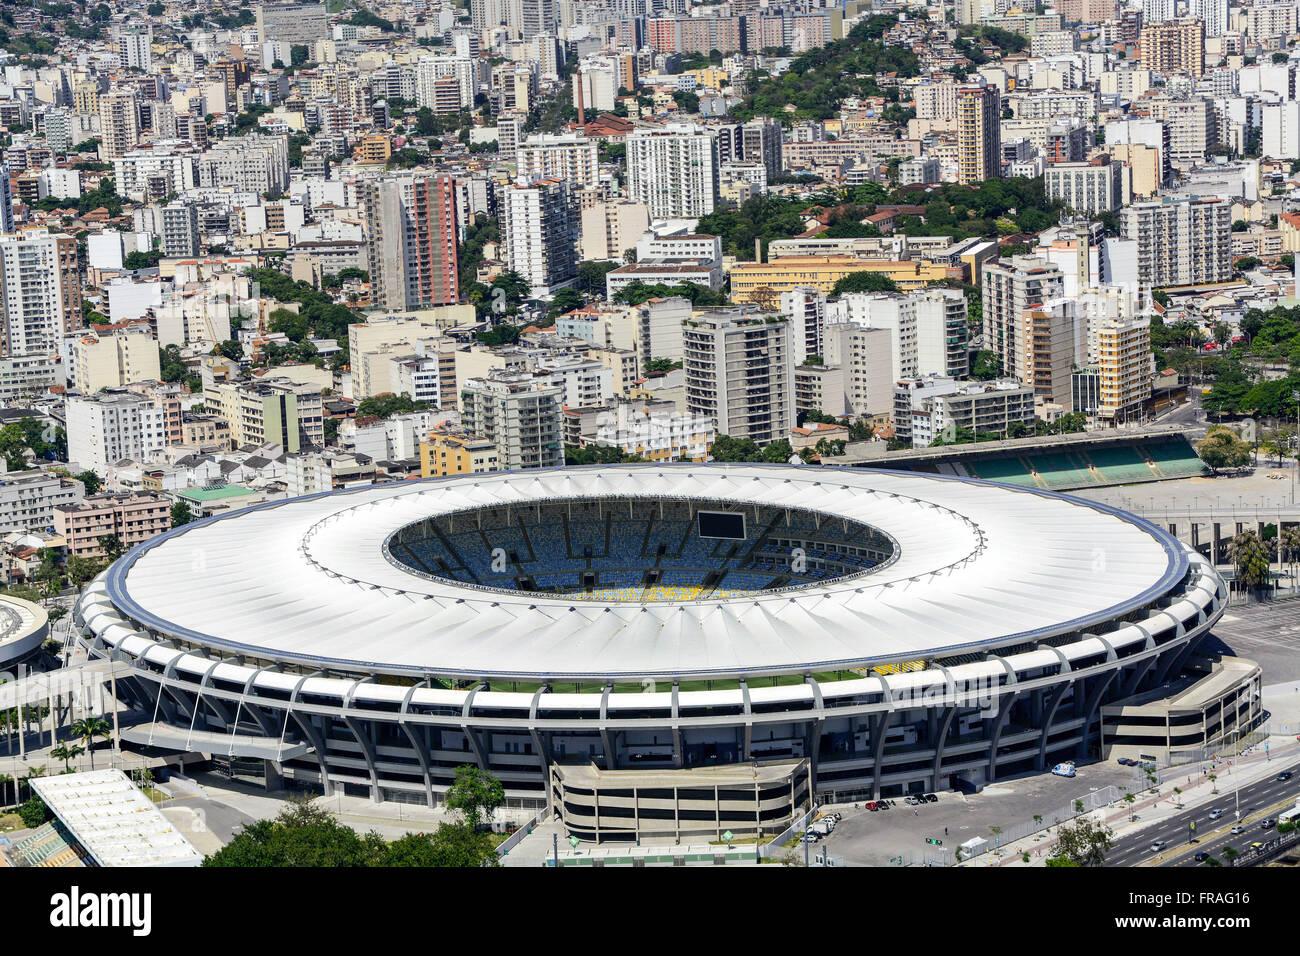 Estadio do Maracana Stadium con atletica Celio de Barros a destra Immagini Stock